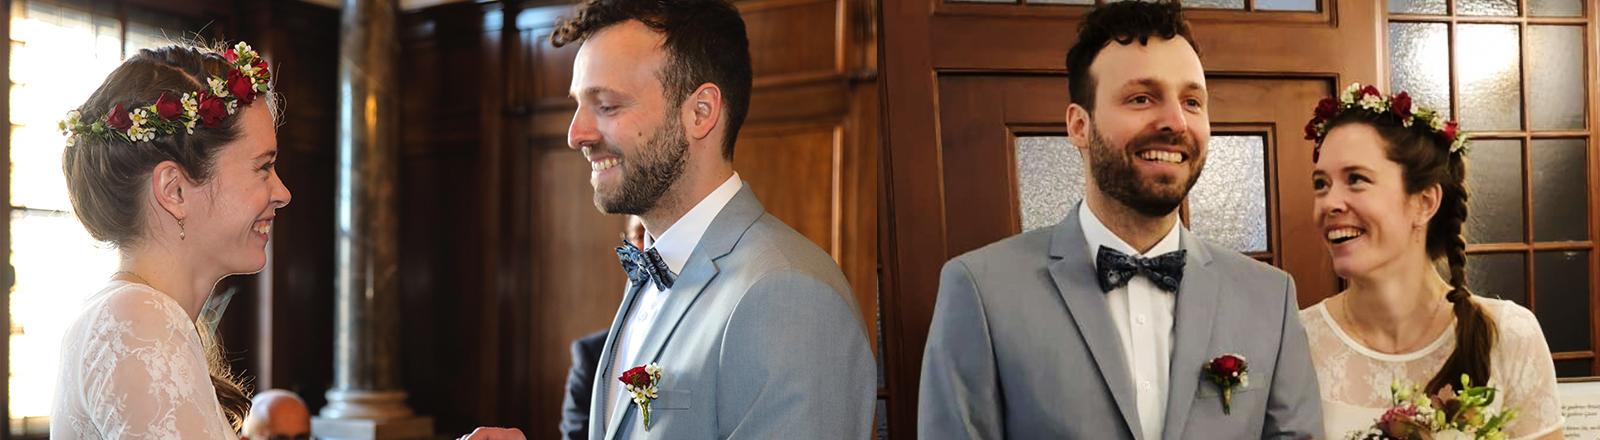 Nora und Christoph bei ihrer Hochzeit